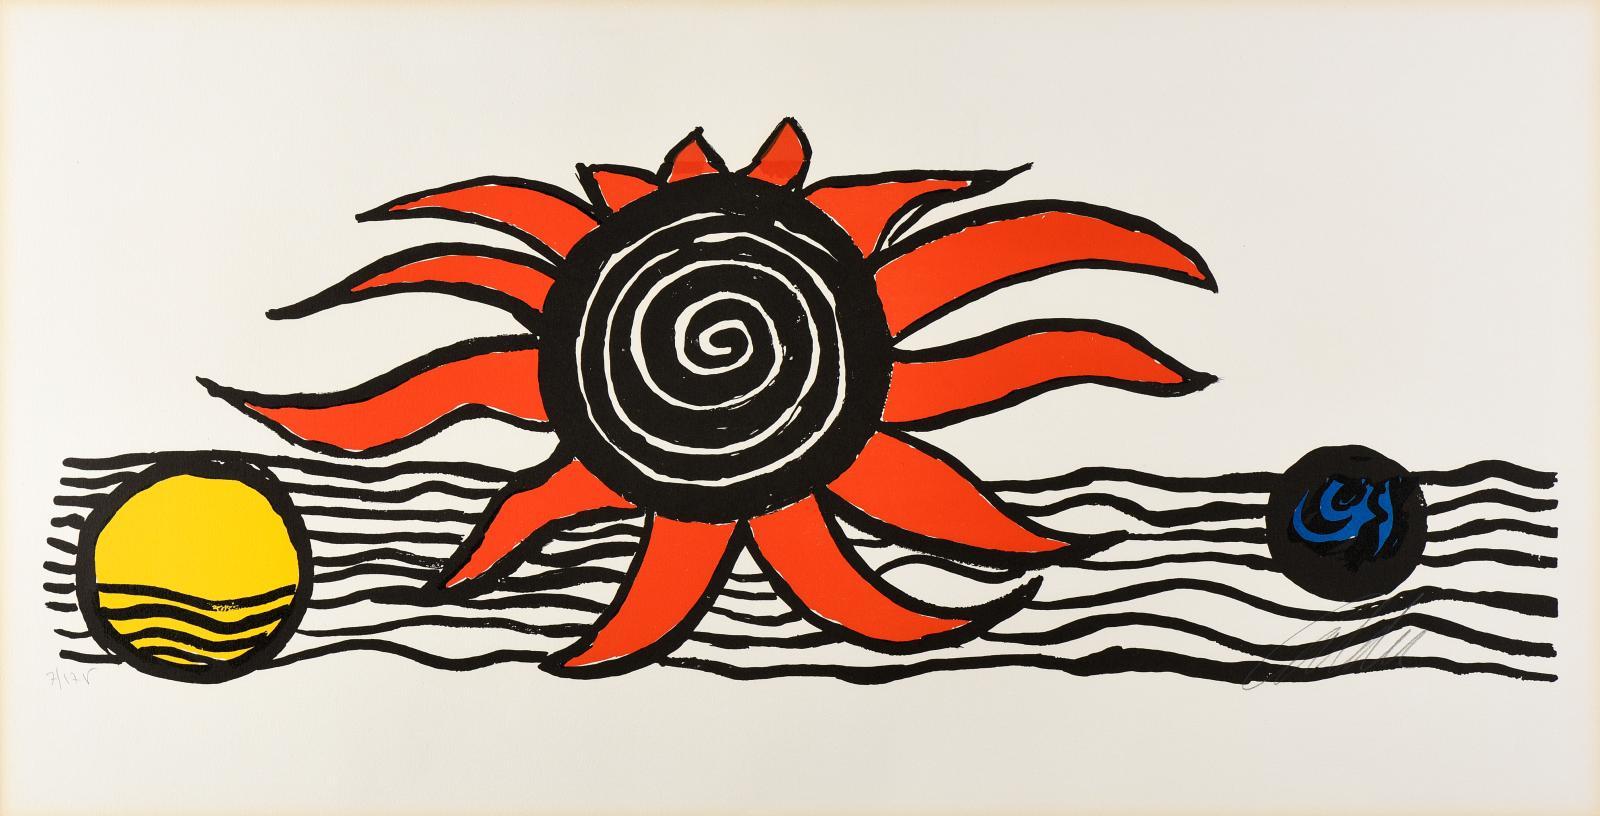 Alexander Calder (1898-1976), Le Soleil, la Terre et la Lune, 1974-1975, lithographie, n°7/175, 45x86cm. Lyon, Hôtel des ventes, 5avril2018. De